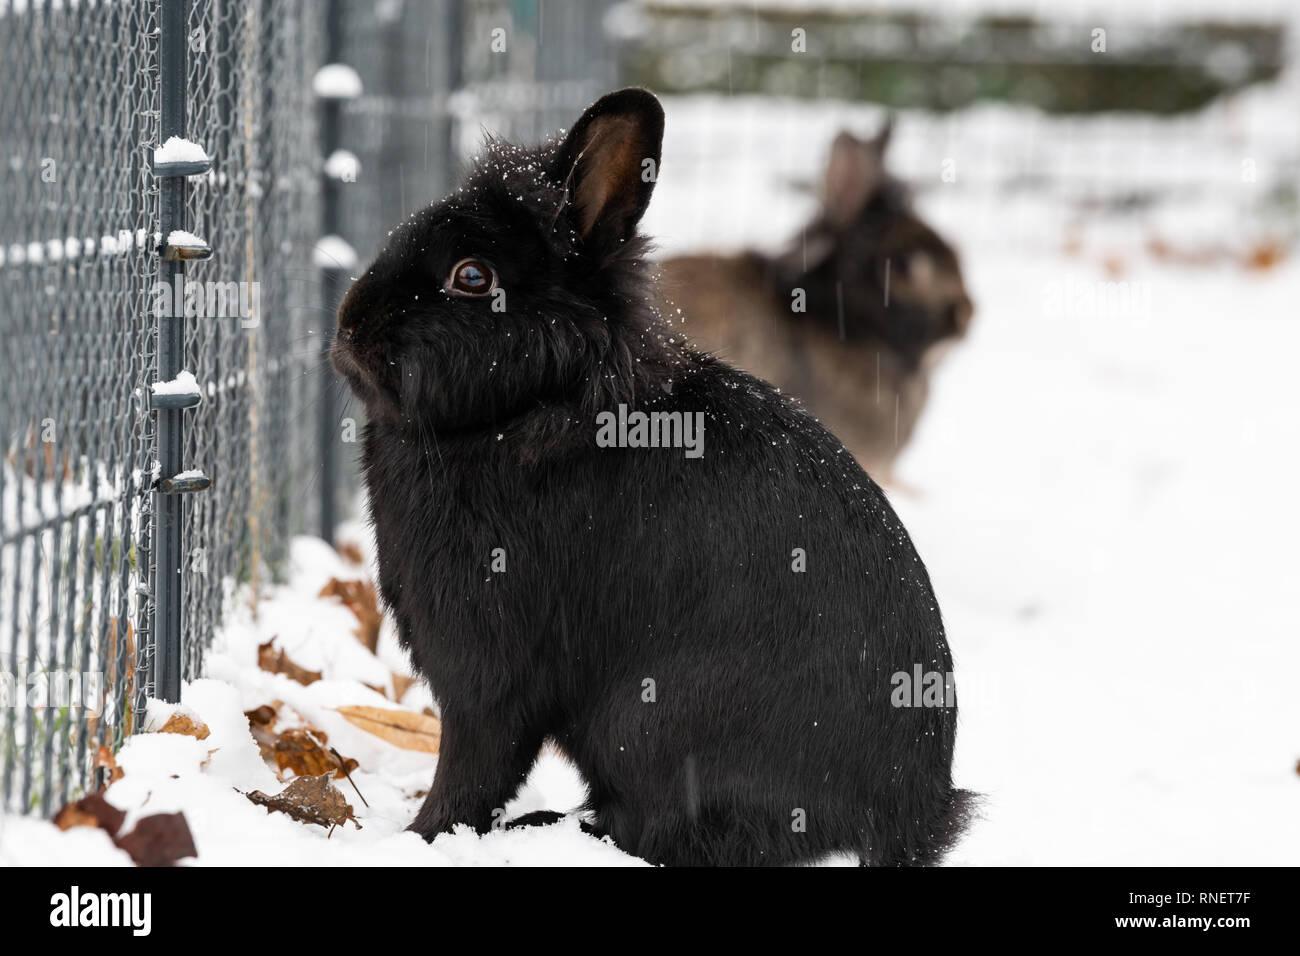 Un conejo enano negro (Lions head) sentados en la nieve. Foto de stock